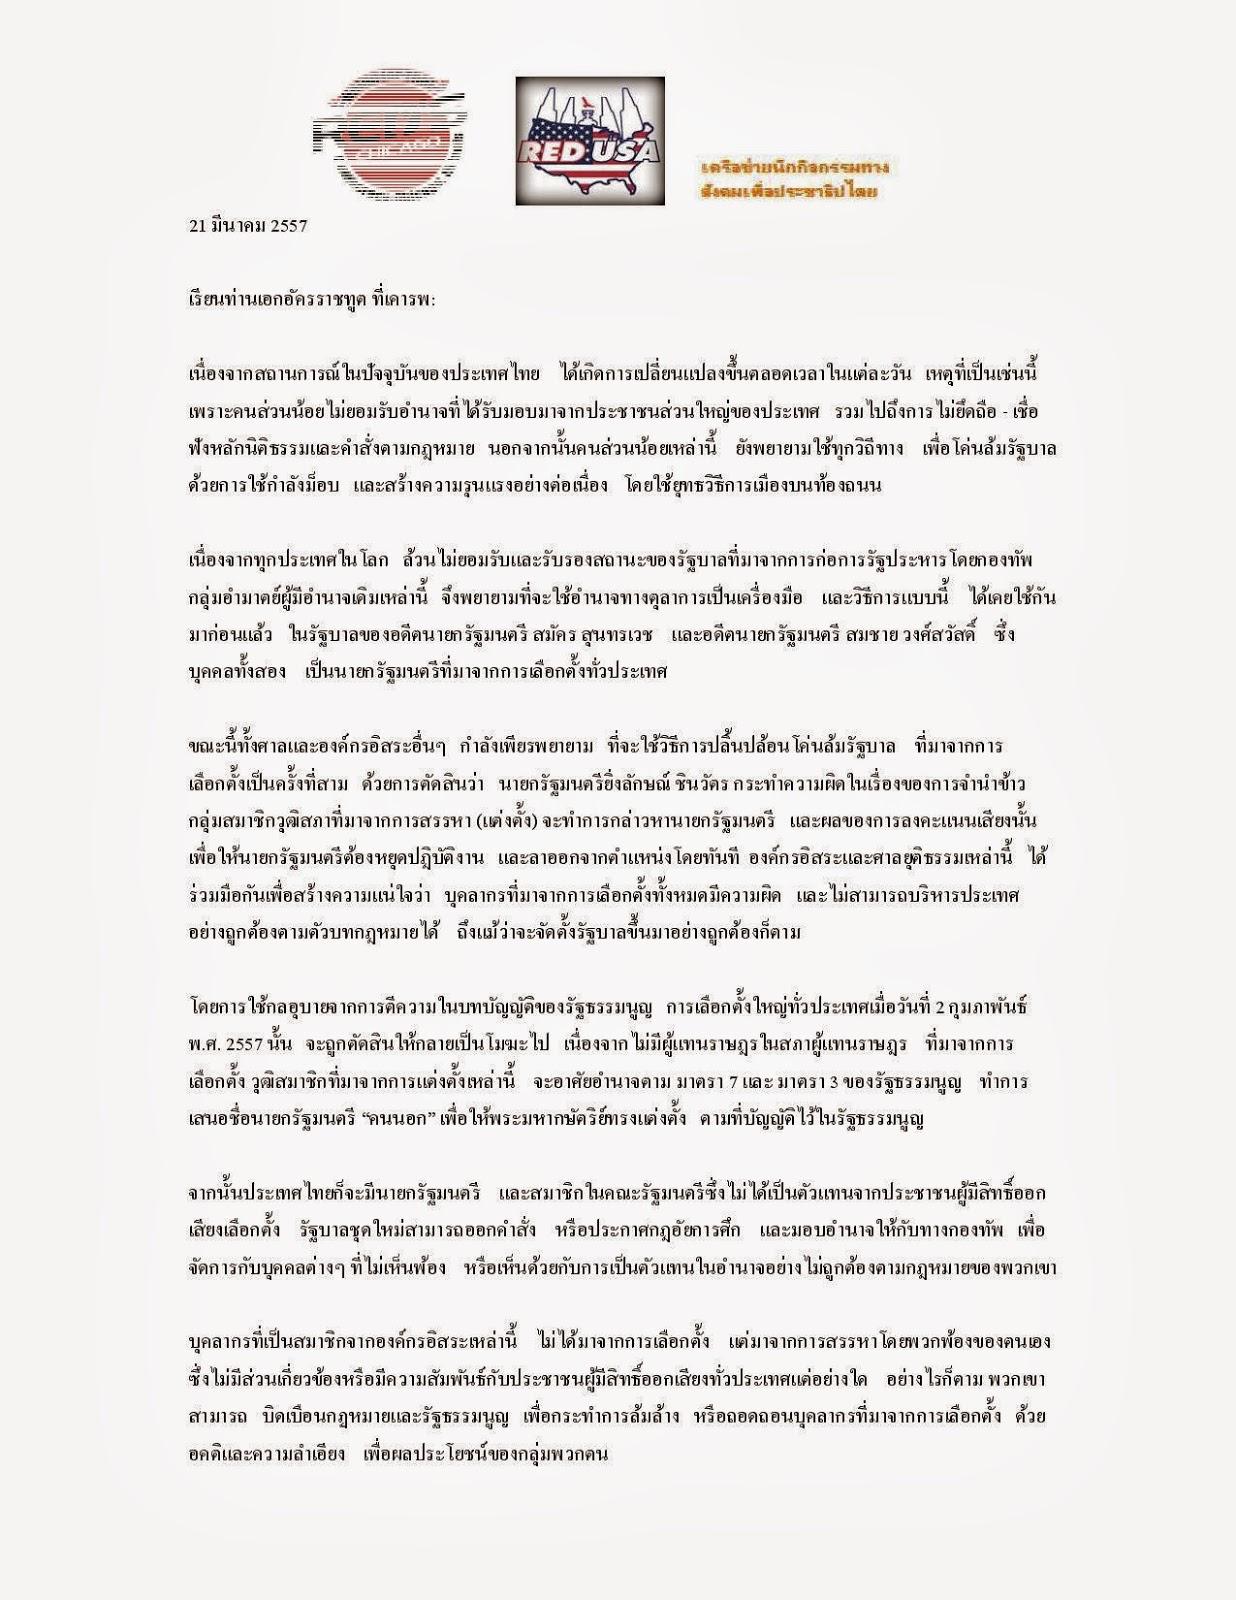 จดหมายฉบับภาษาไทย (ฉบับแปล):